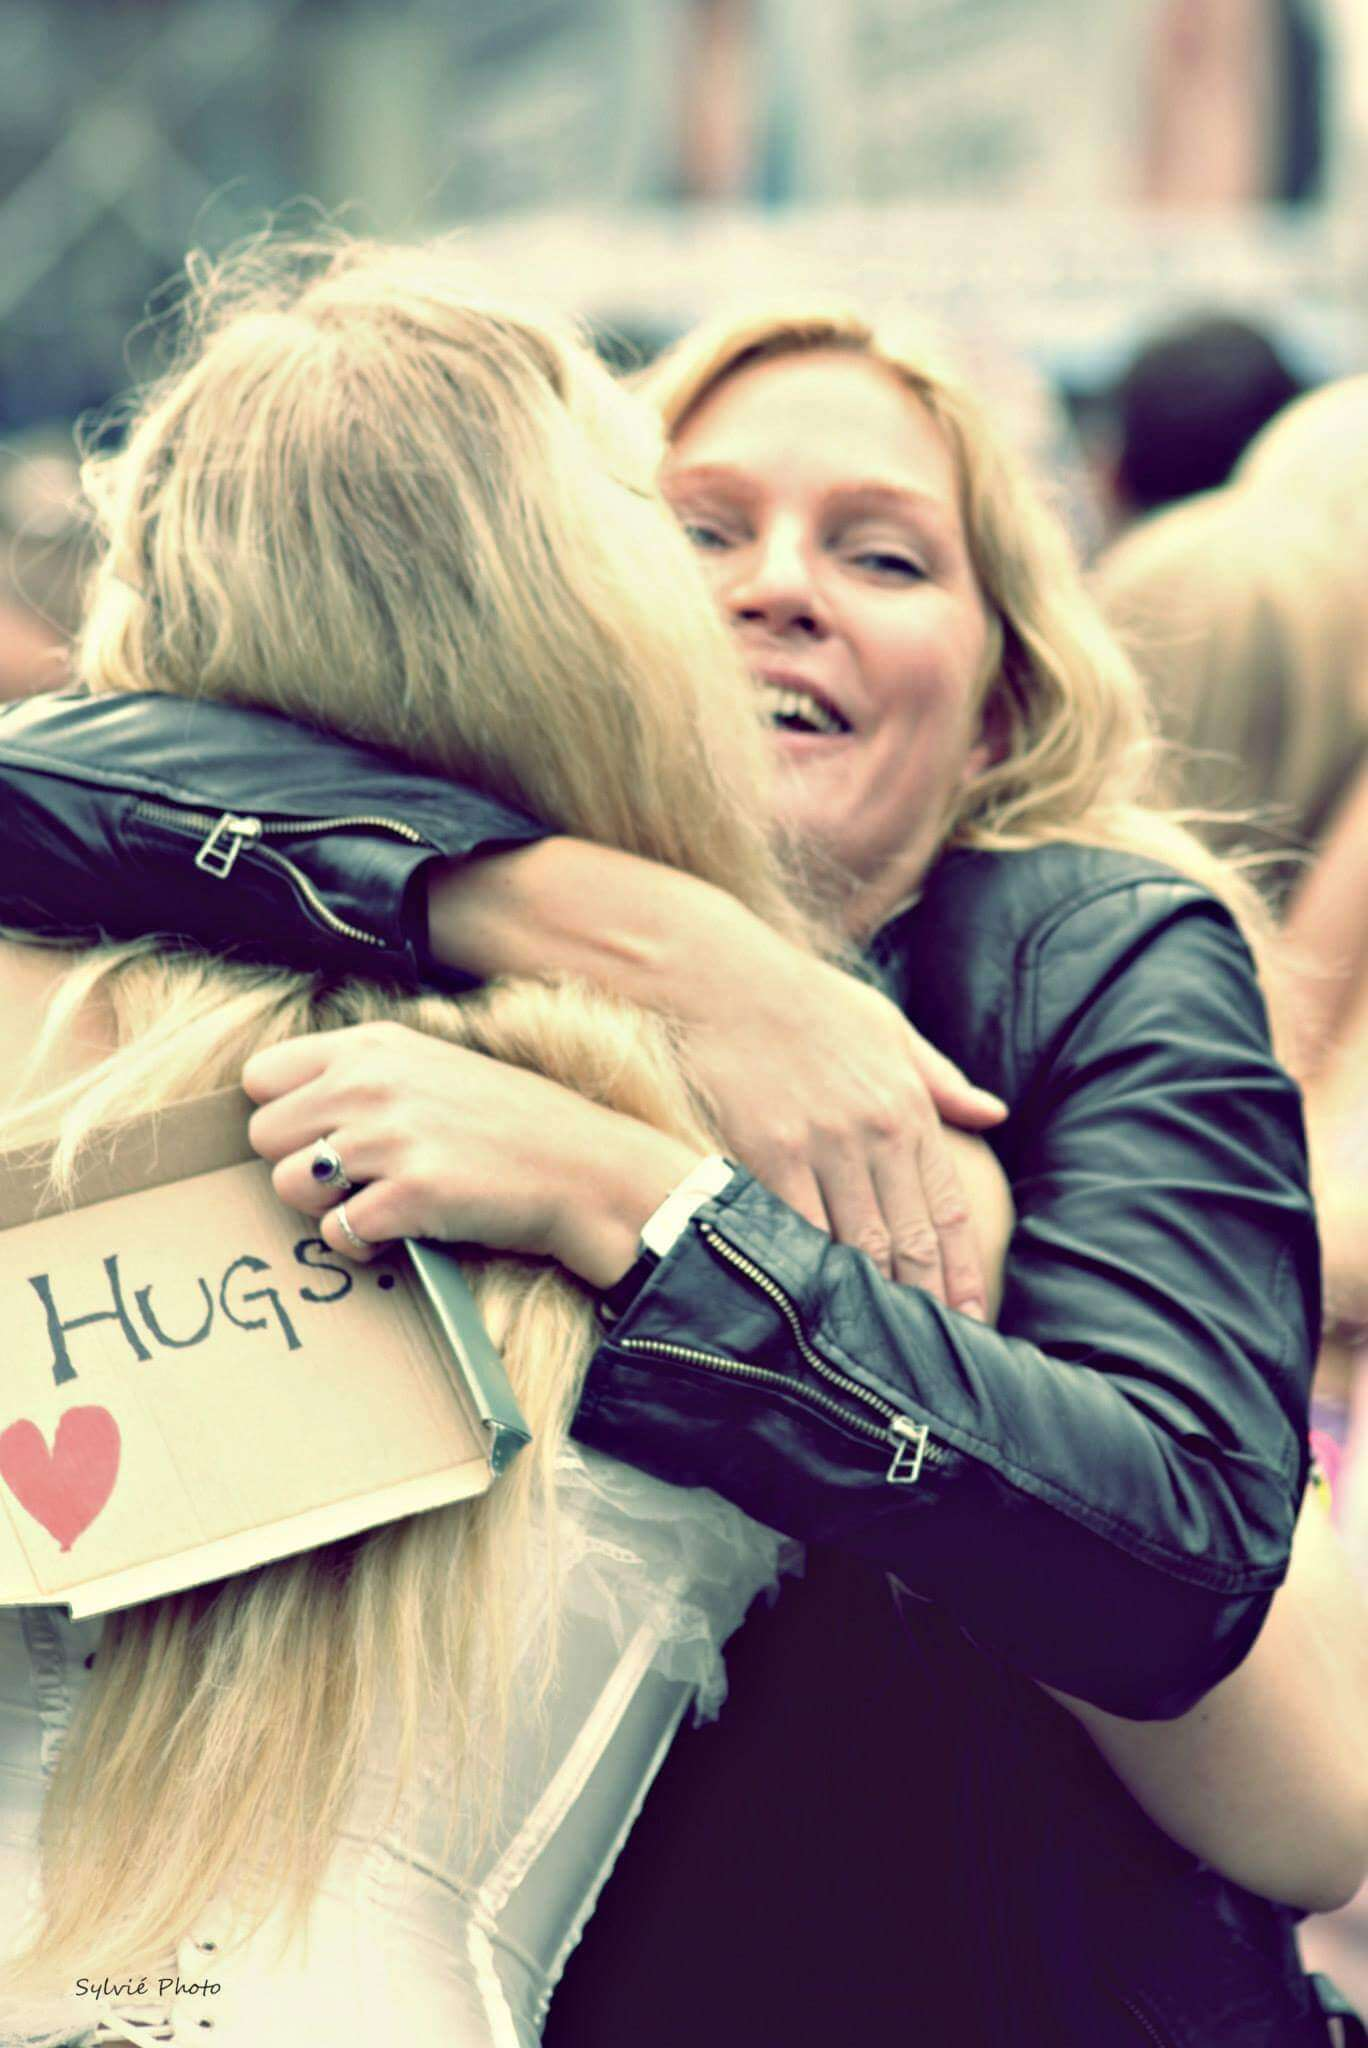 viaggiare-zaino-in-spalla-hugs